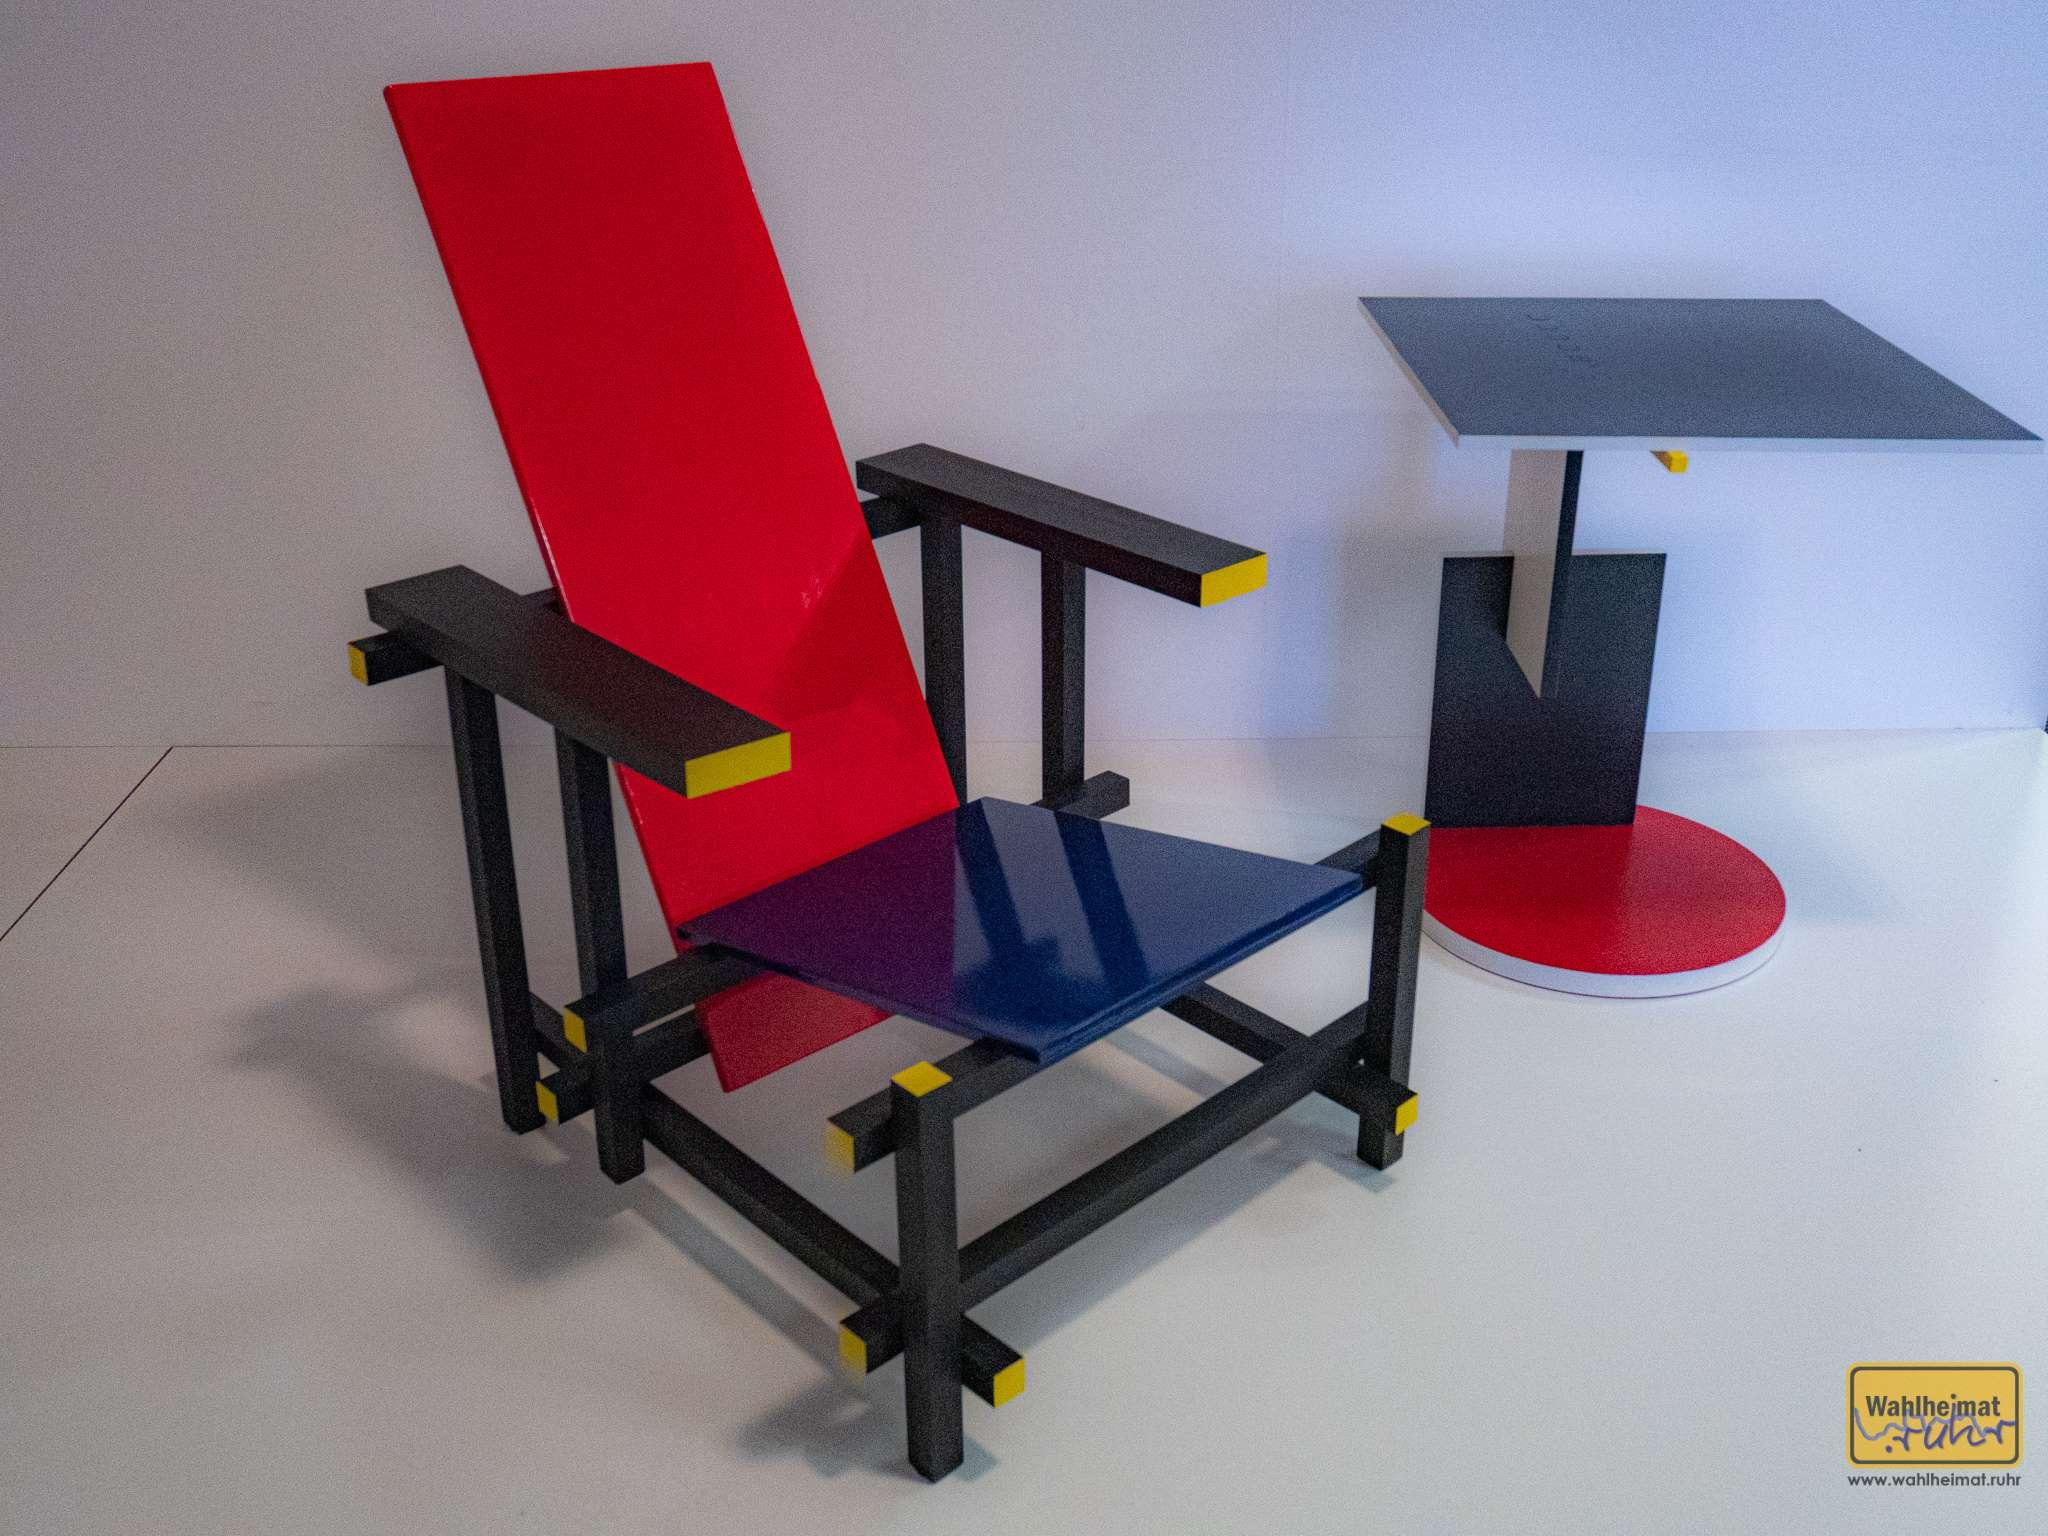 Dieser Stuhl ist wohl eher als reines Designobjekt entstanden, gerade zu Beginn von Bauhaus ist man wohl noch nicht so ganz dem Credo 'Form folgt Funktionalität' gefolgt.